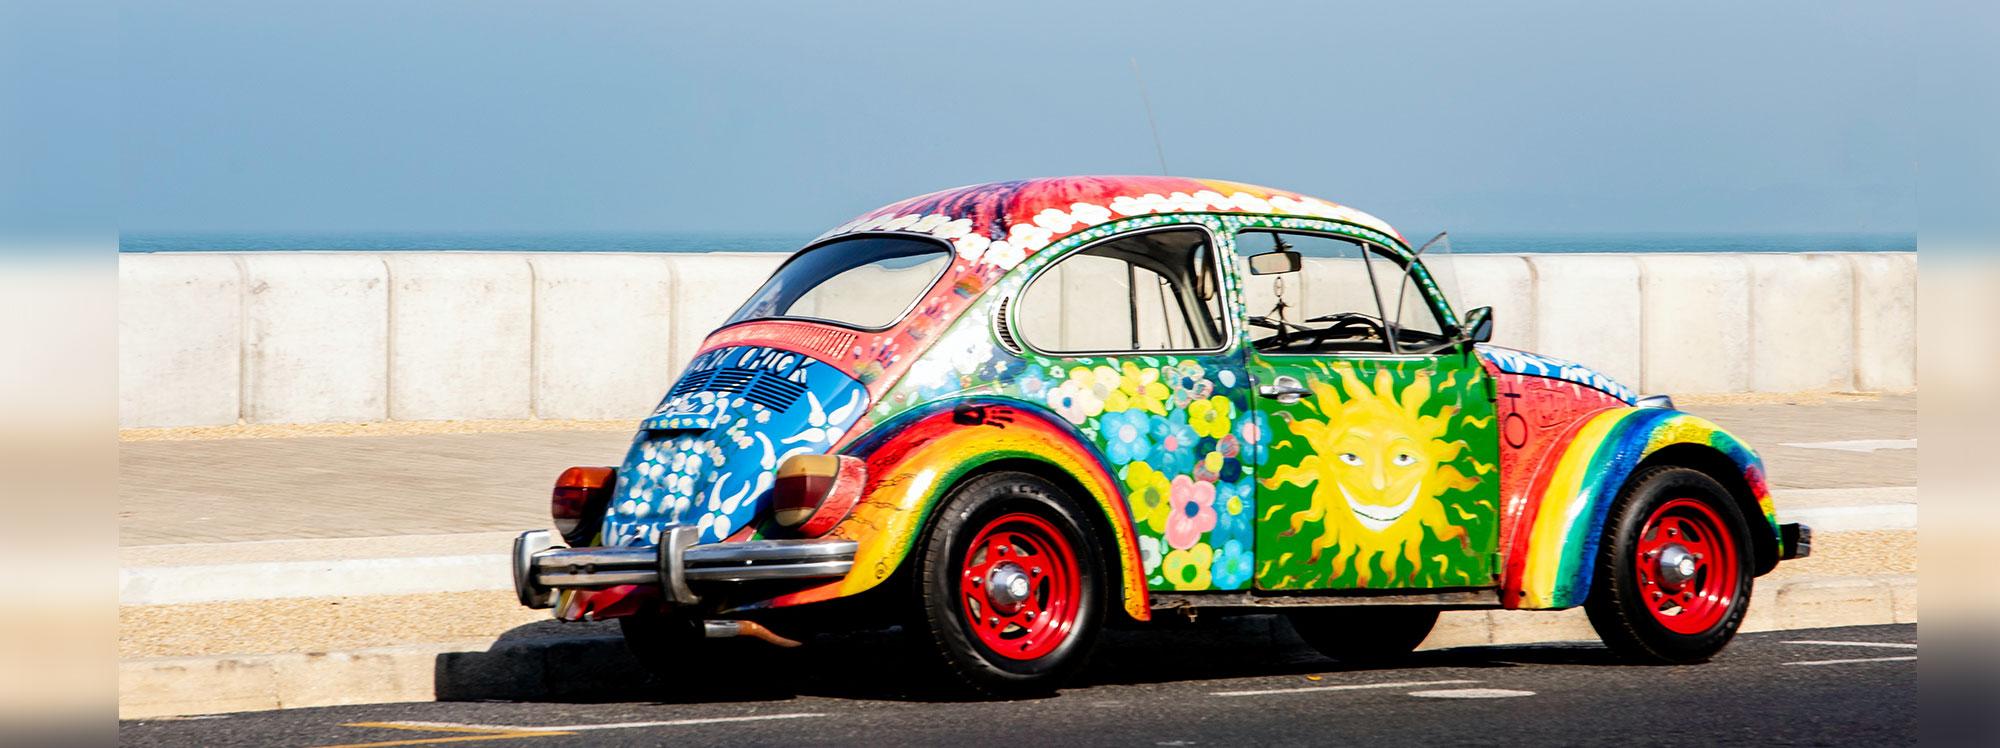 La psicología del color influye en la elección de un auto